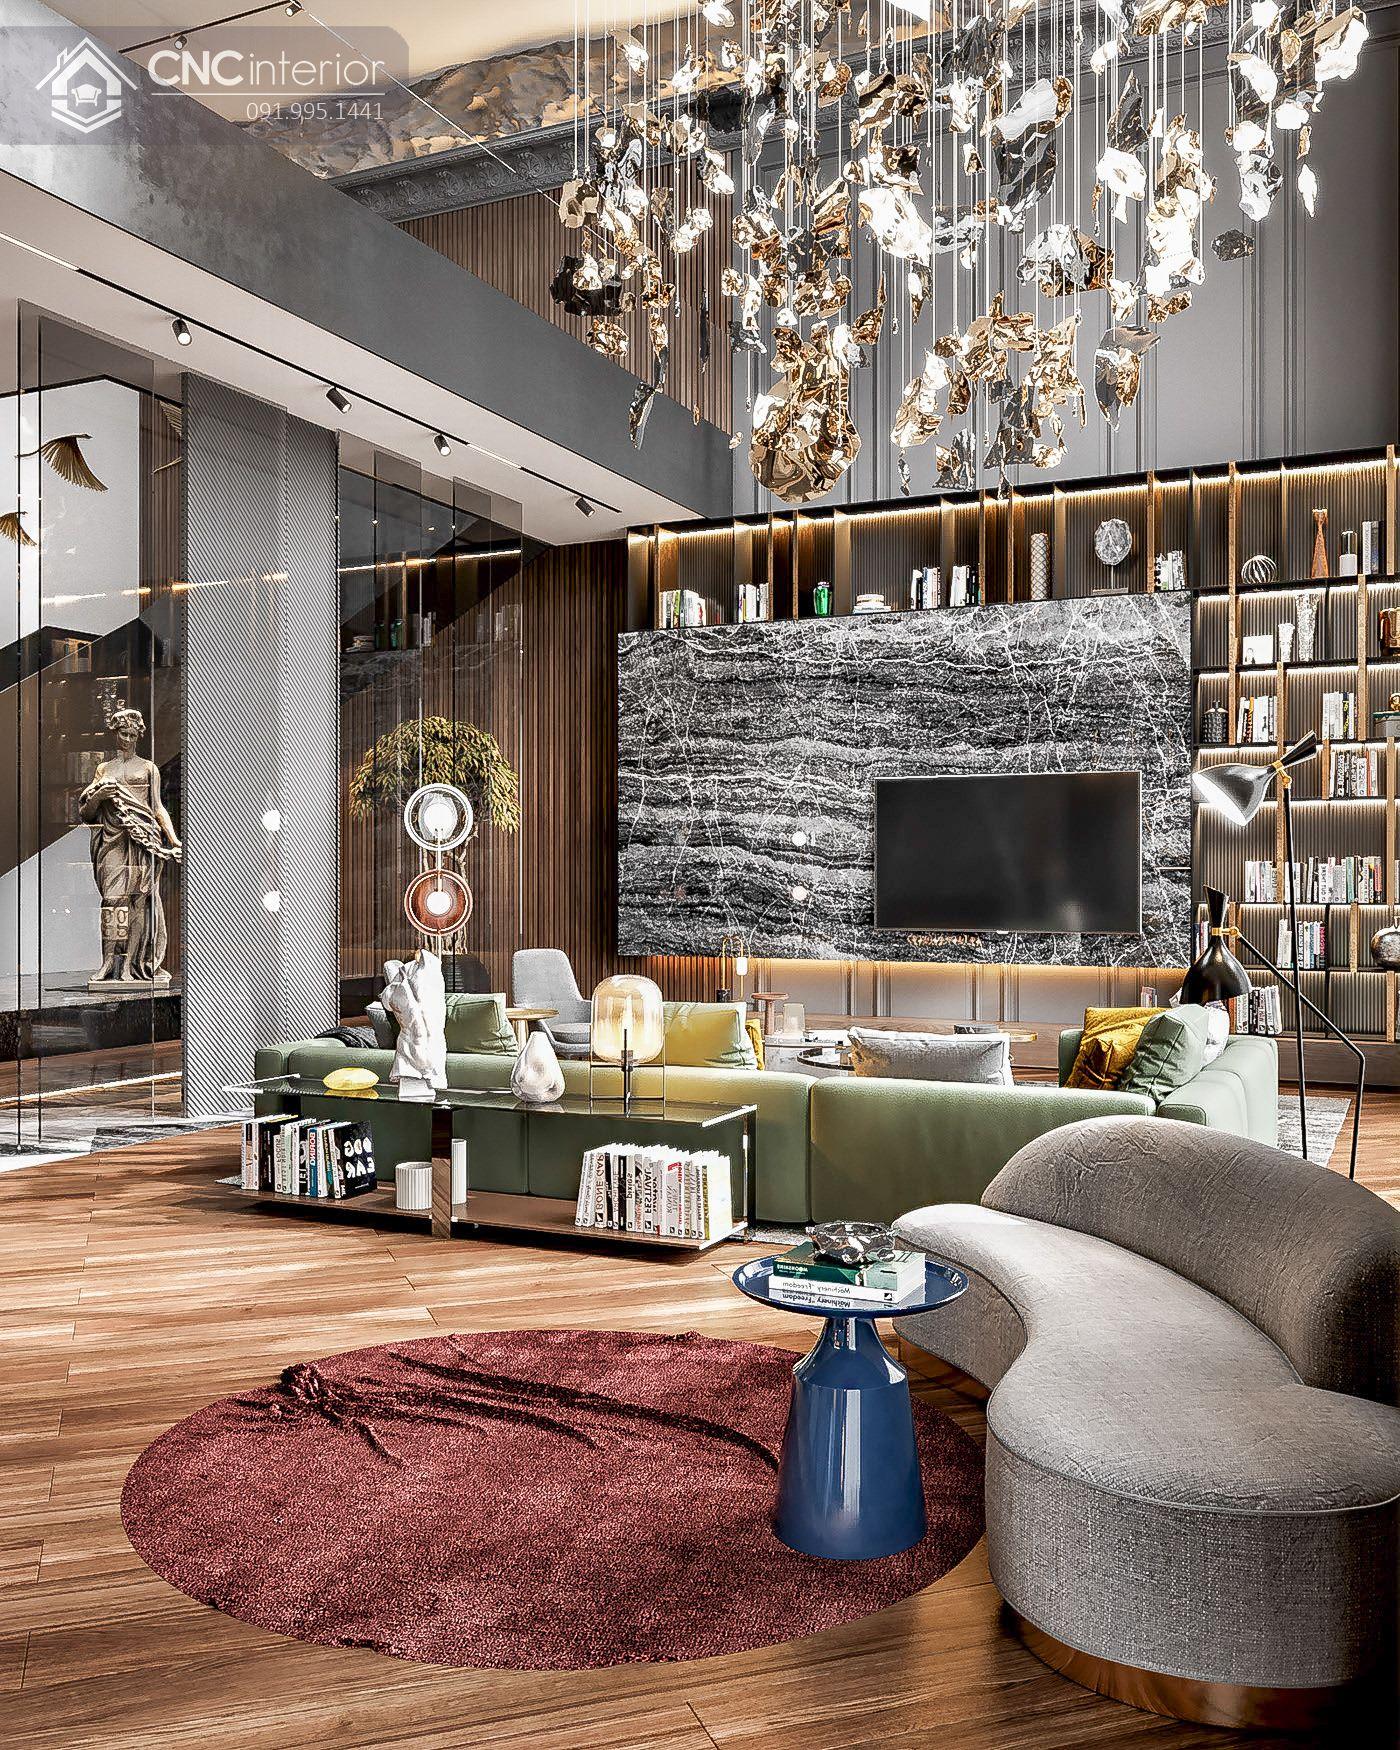 các mẫu thiết kế nội thất biệt thự đẹp 4